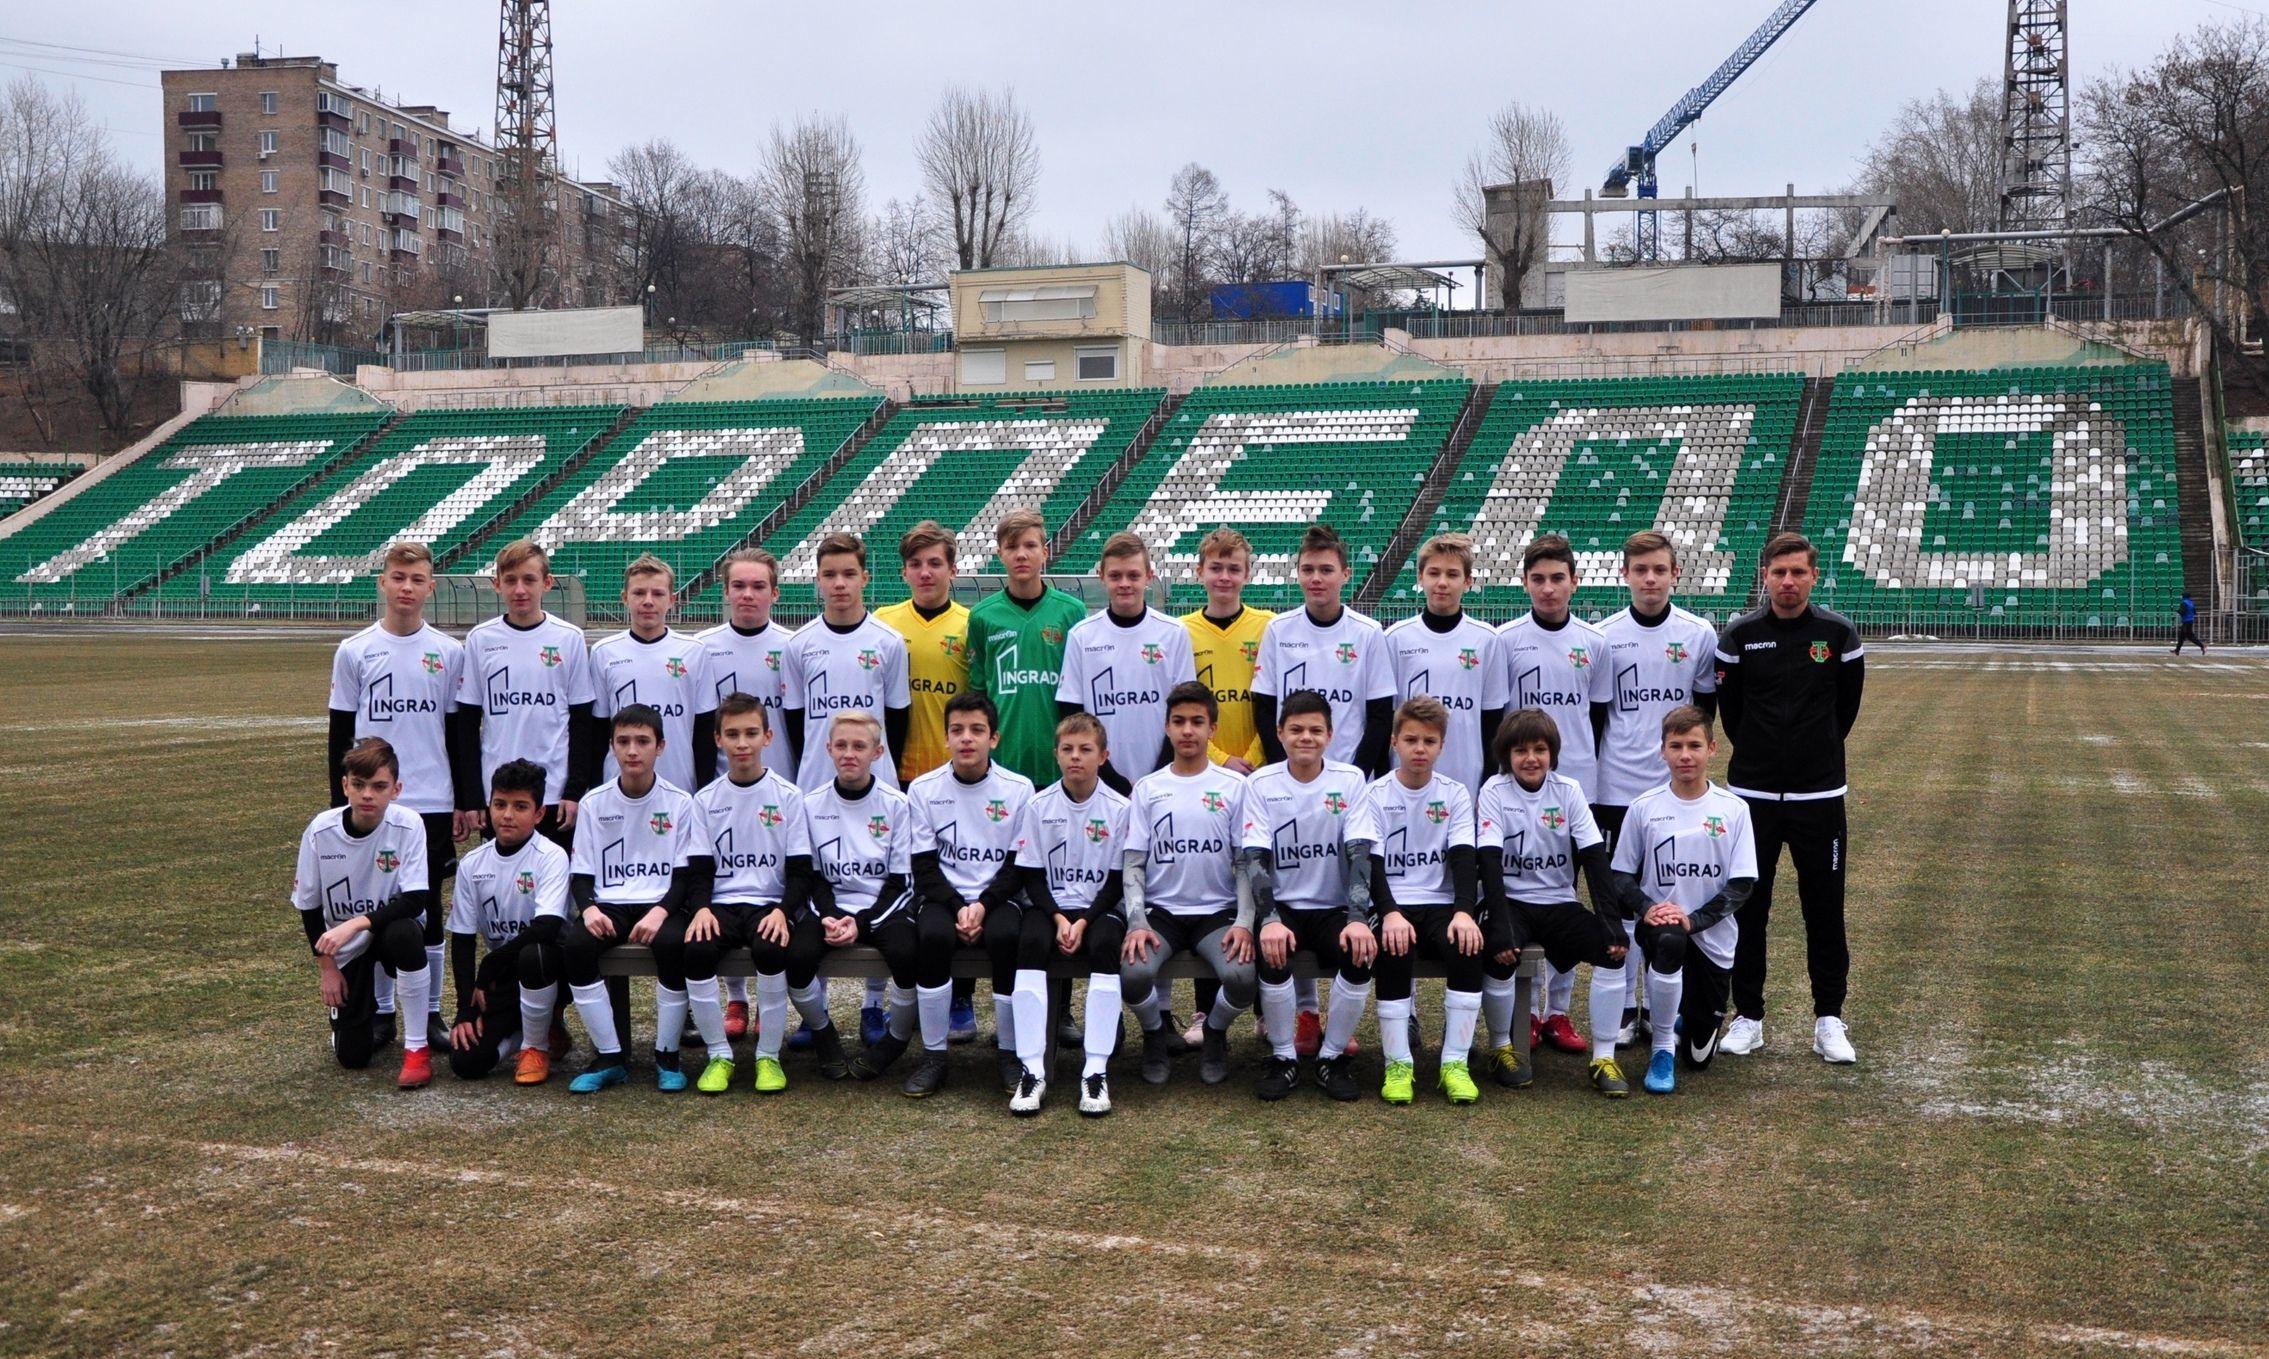 Футболисты «Торпедо» одержали победу в первом туре «Юных стрельцов»